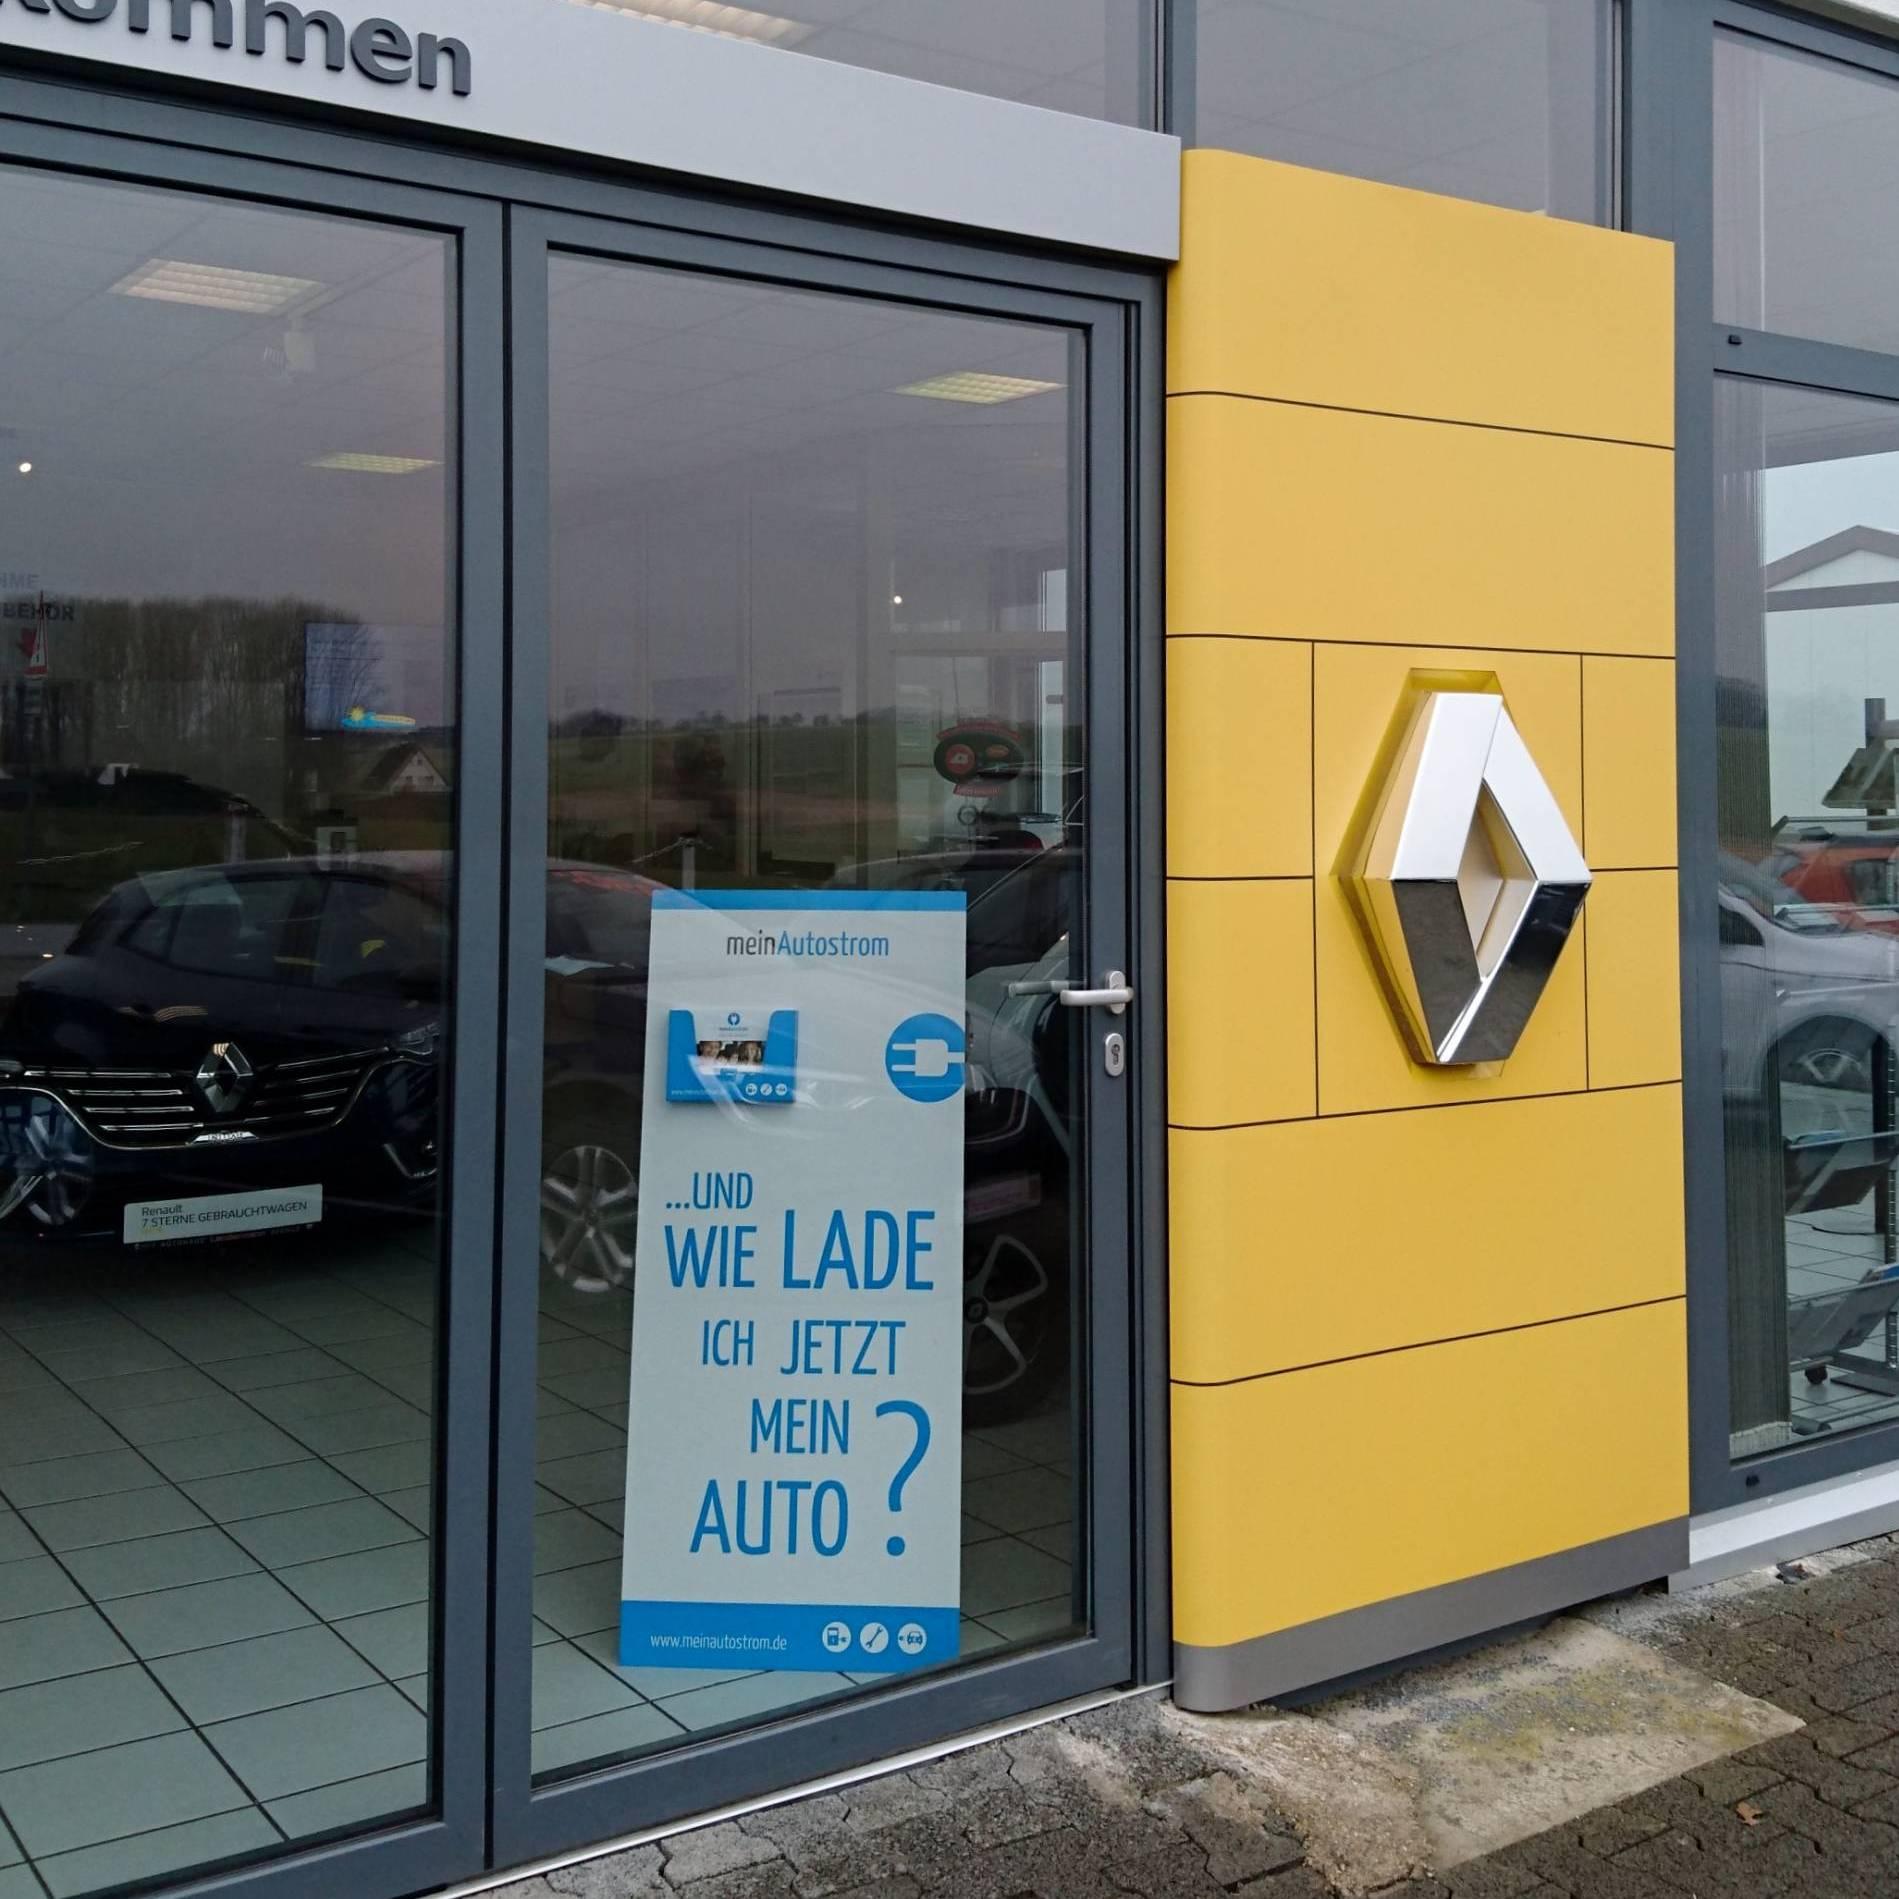 Autohaus Landermann meinAutostrom Aufsteller